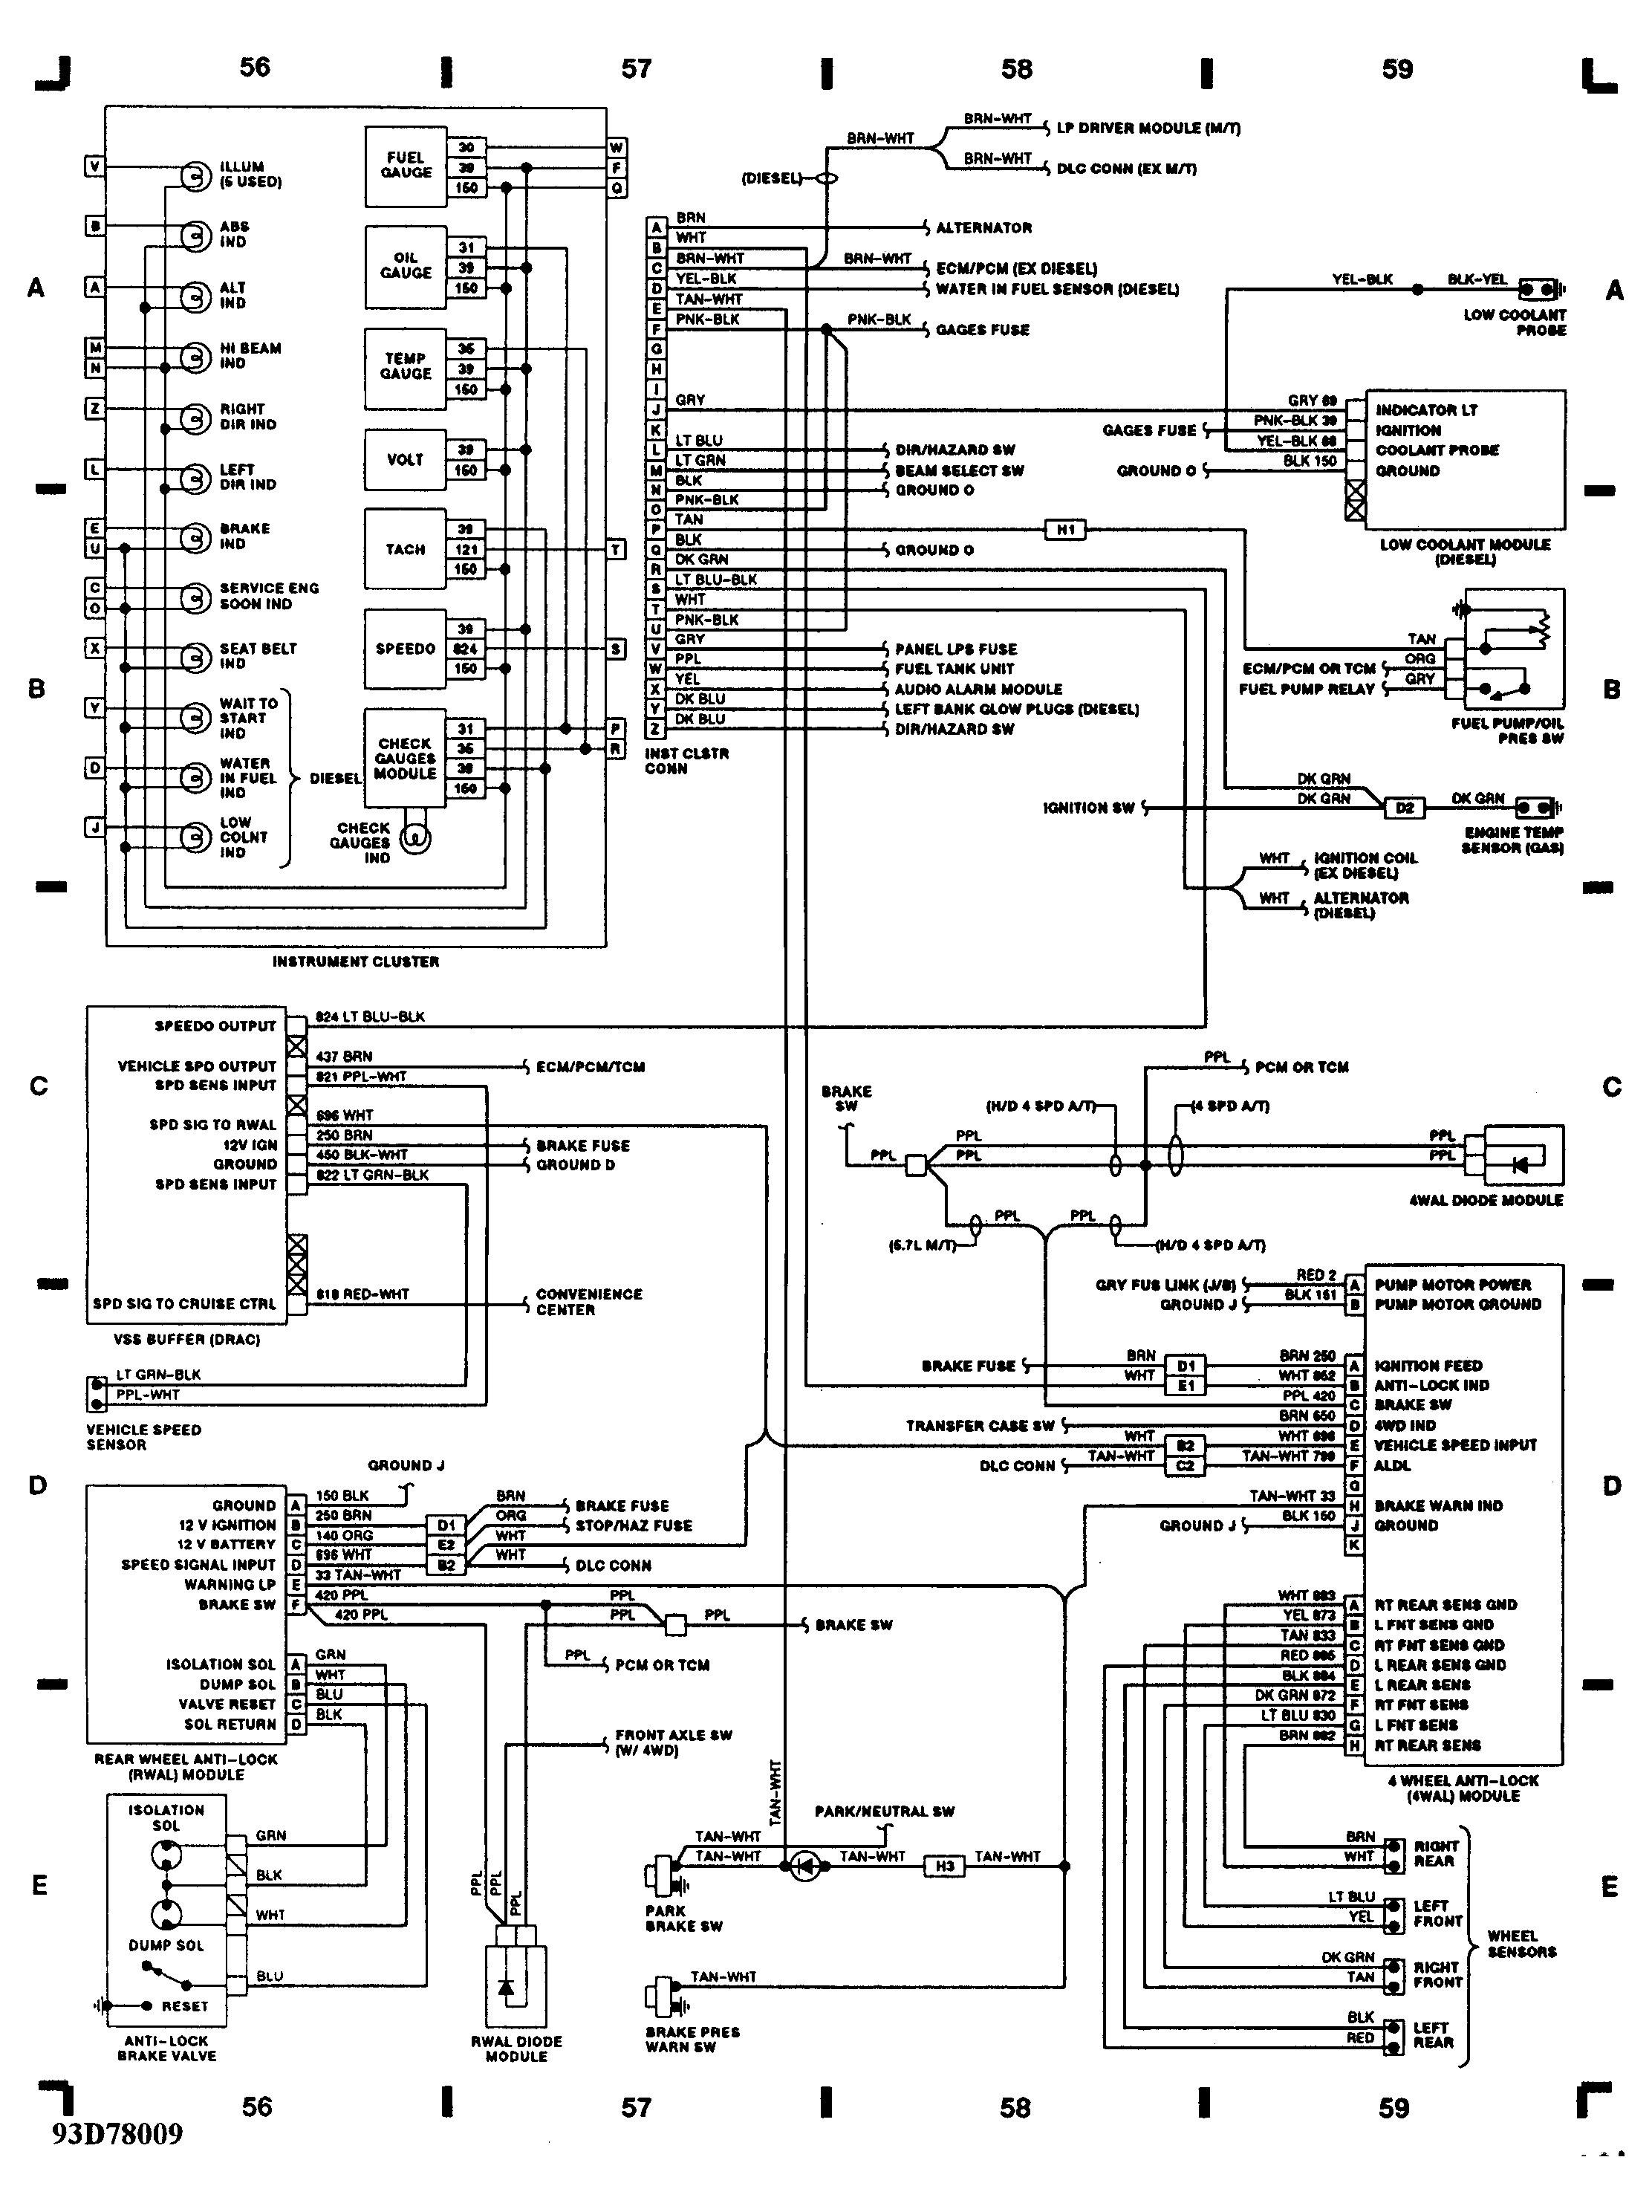 2009 Silverado Wiring Diagram 1993 Chevy Silverado Wiring Diagram Beautiful I Have A 93 Silverado Of 2009 Silverado Wiring Diagram